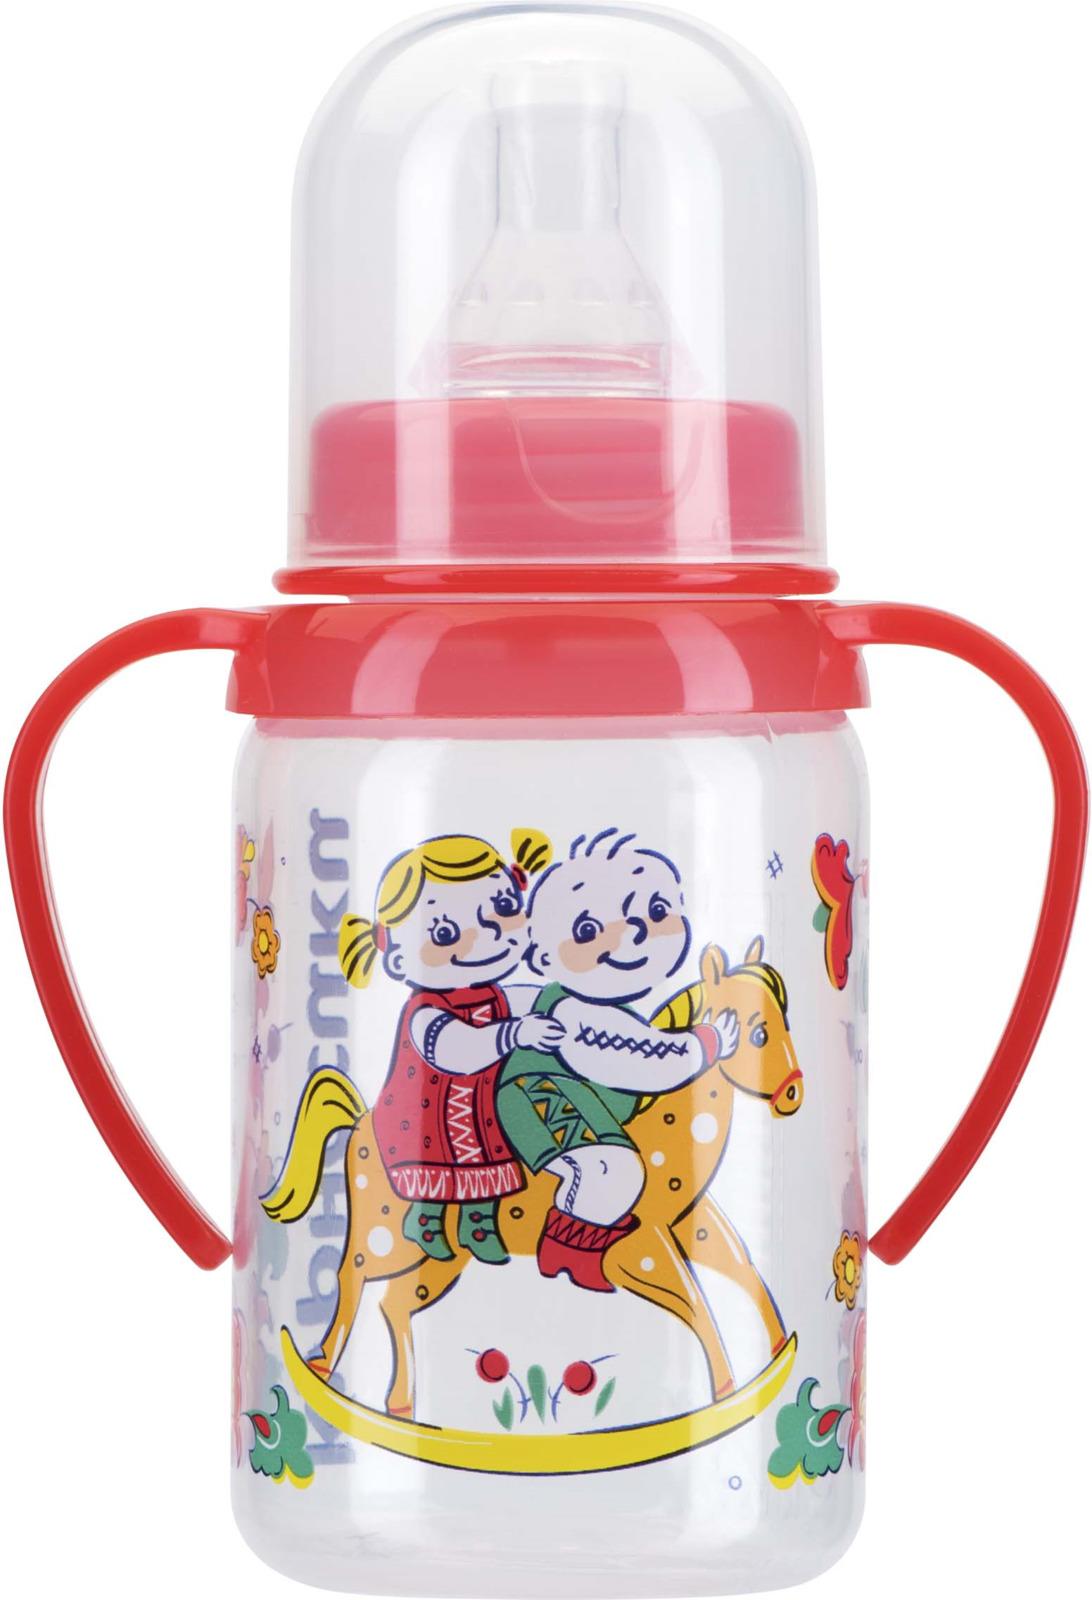 Бутылочка для кормления Курносики, с ручками, с соской, 11109, 125 мл avent бутылочка для кормления 125 мл